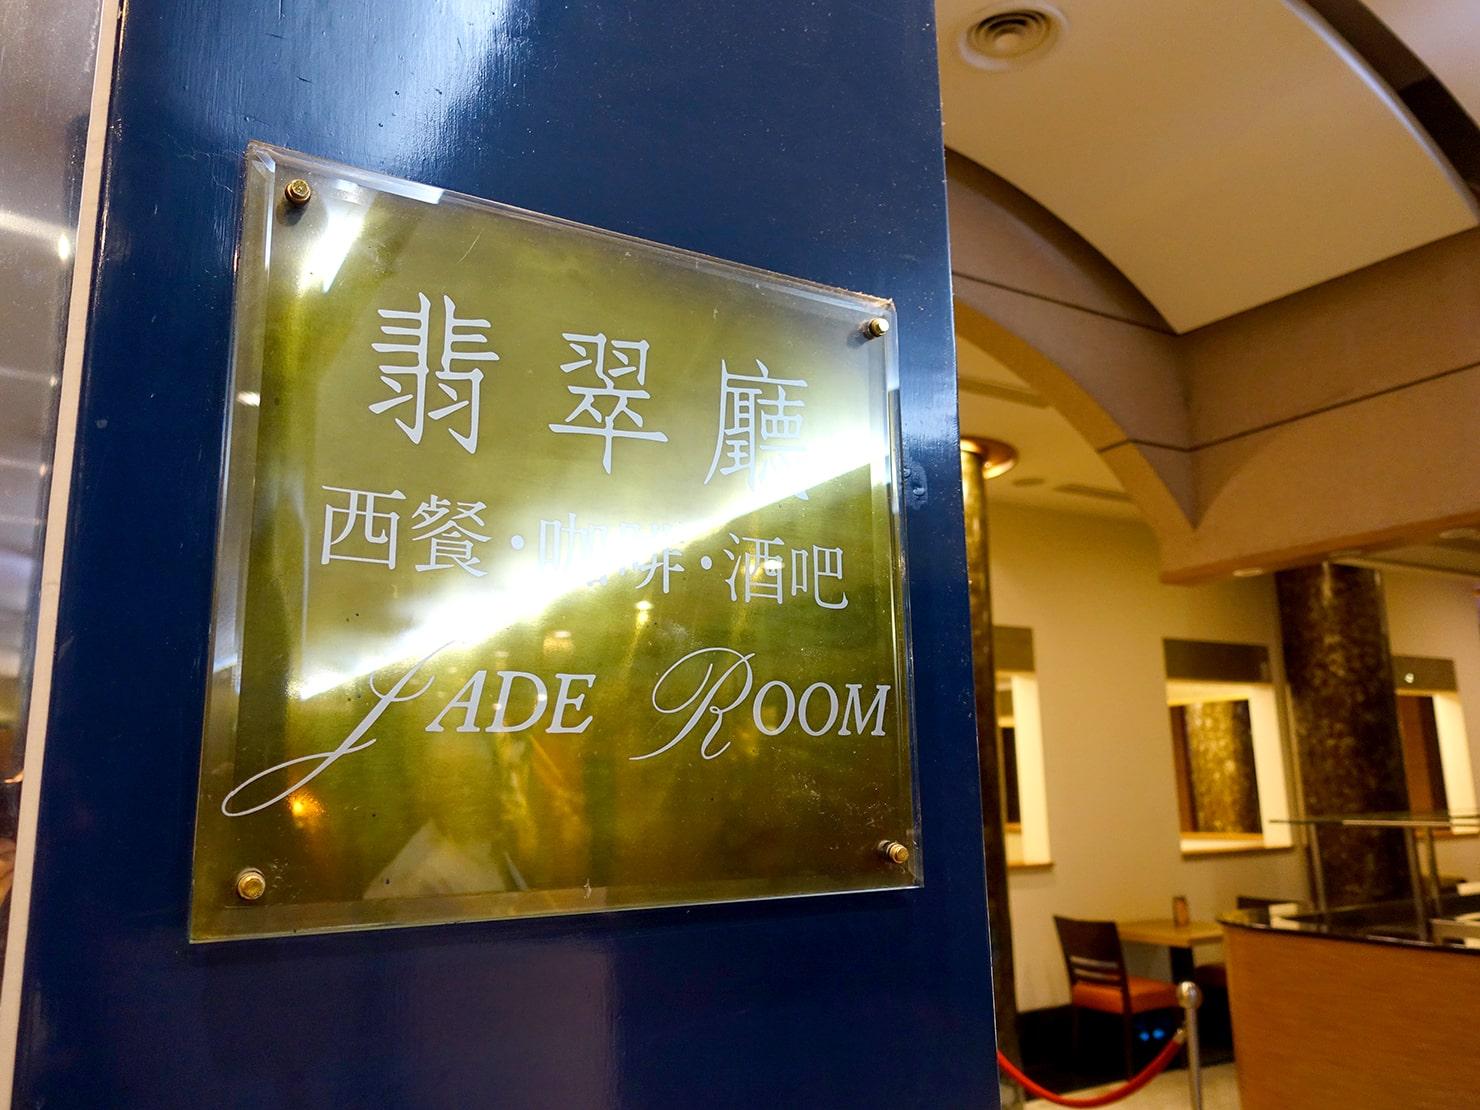 台南駅が目の前の老舗ホテル「台南大飯店 Hotel Tainan」の翡翠廳入り口